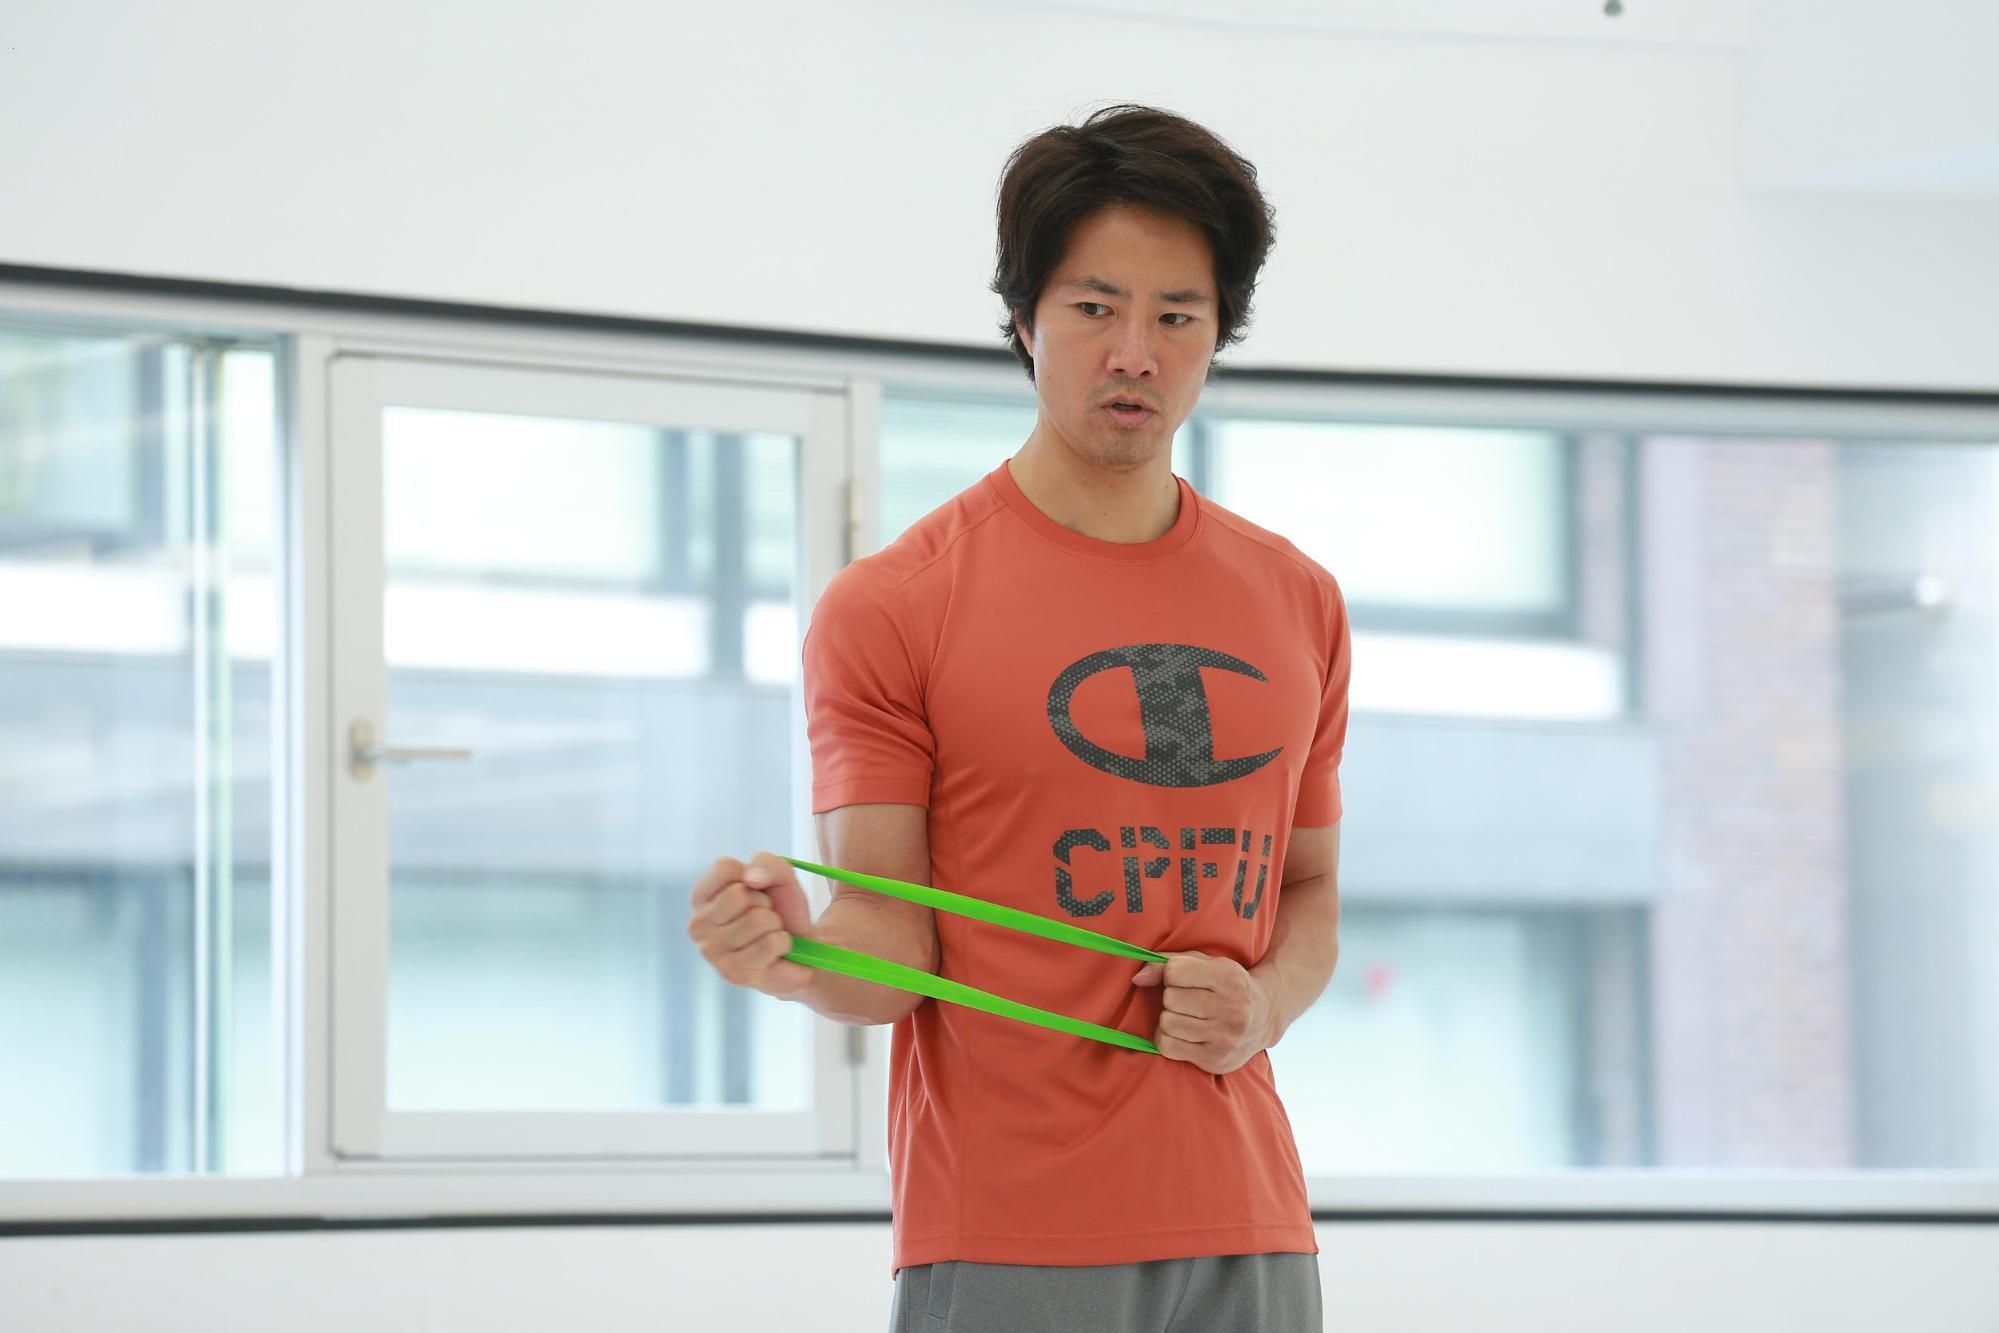 ケイン・コスギのゲームのための筋トレ術。ゴムバンドを引っ張り、肩の筋肉をほぐす